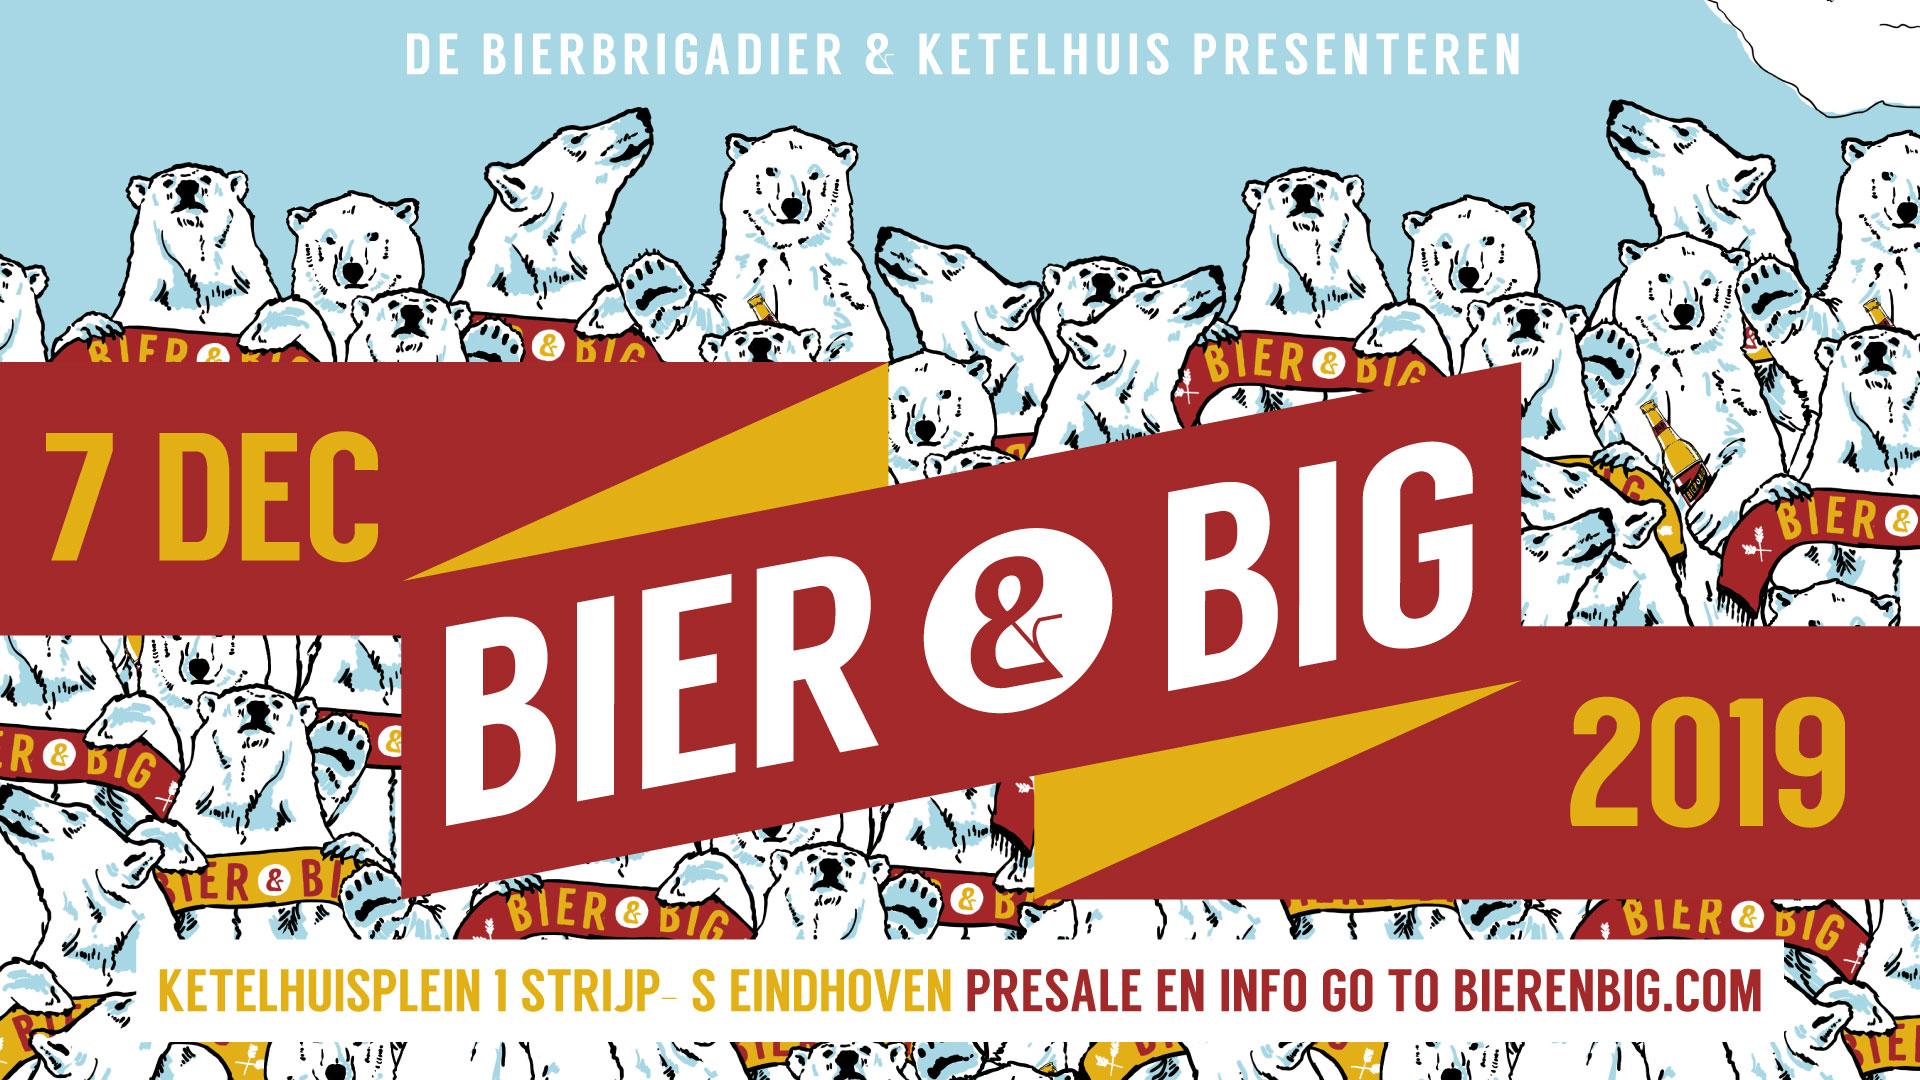 Aafbelding - BIER&BIG WINTERFESTIVAL